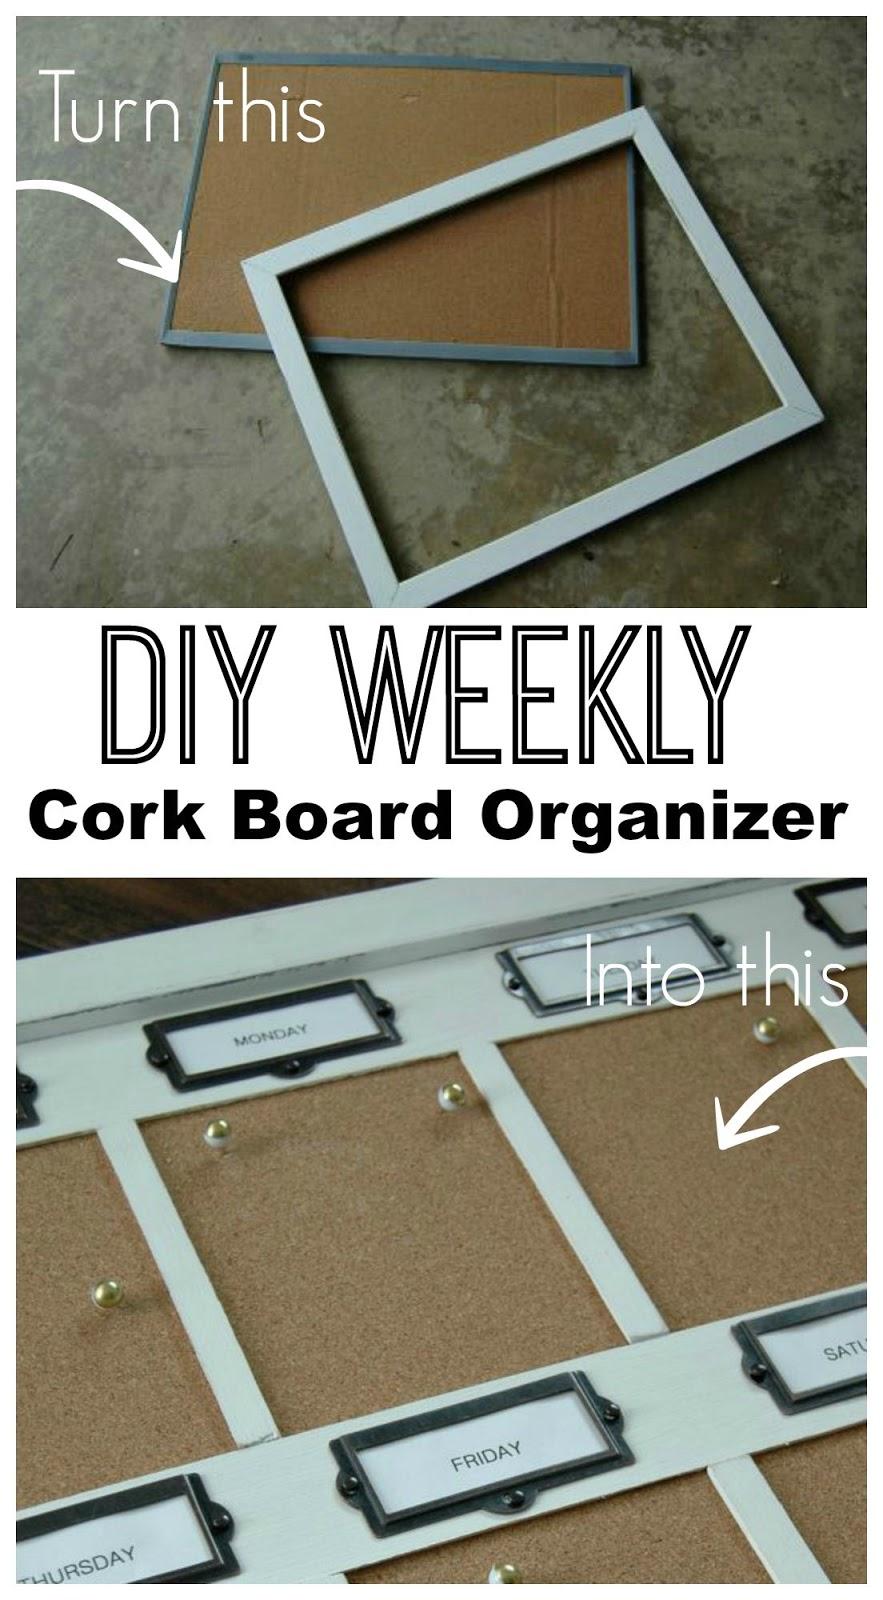 diy weekly cork board organizer